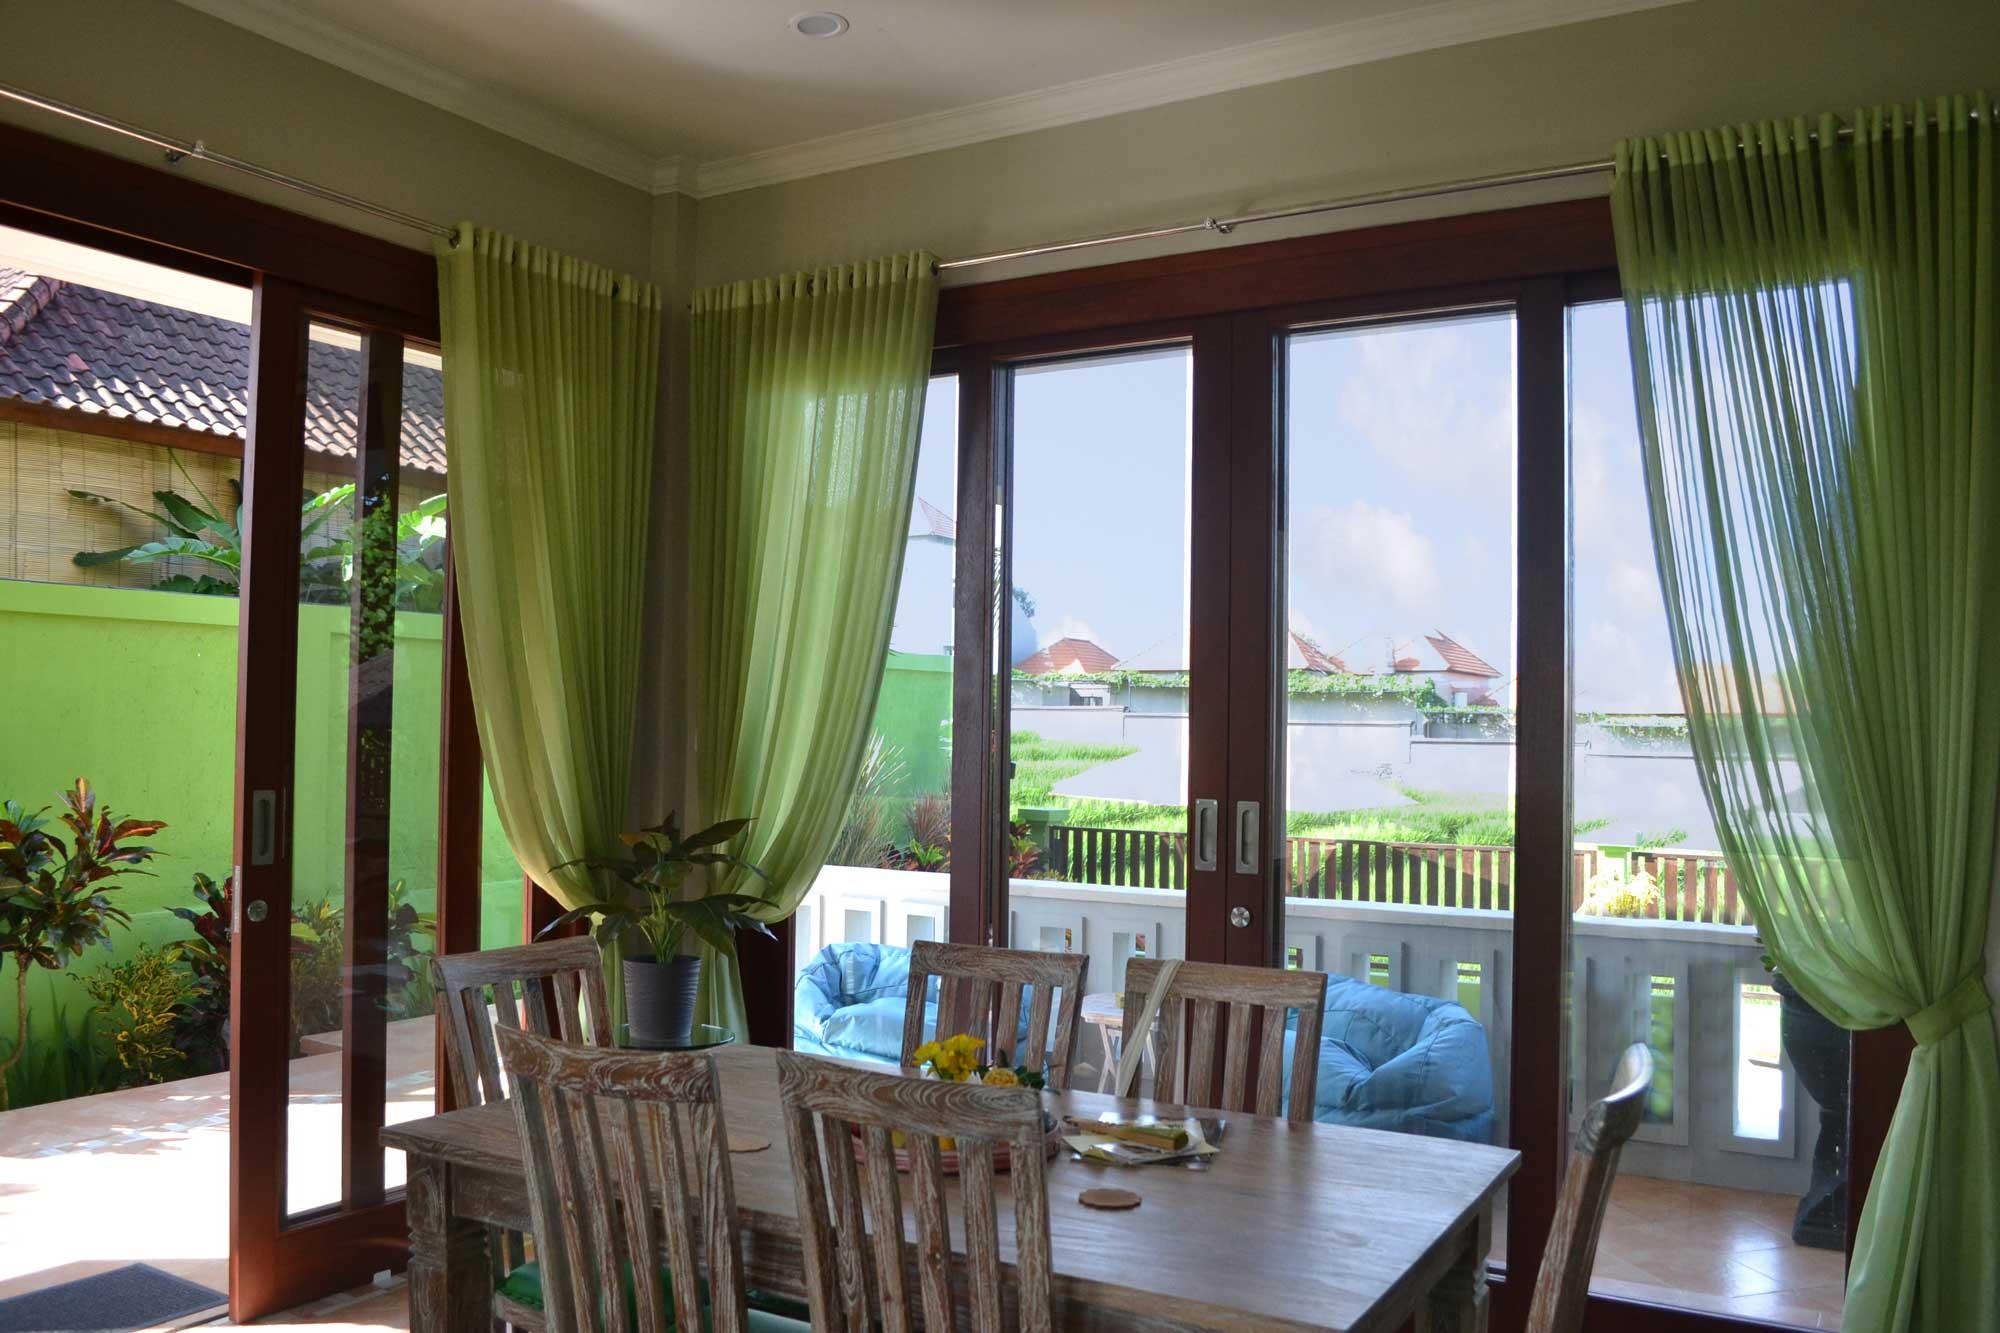 Luxury Prefab Homes 4000 Sq Ft Modular Homes 2 Bedroom Log Cabins ...